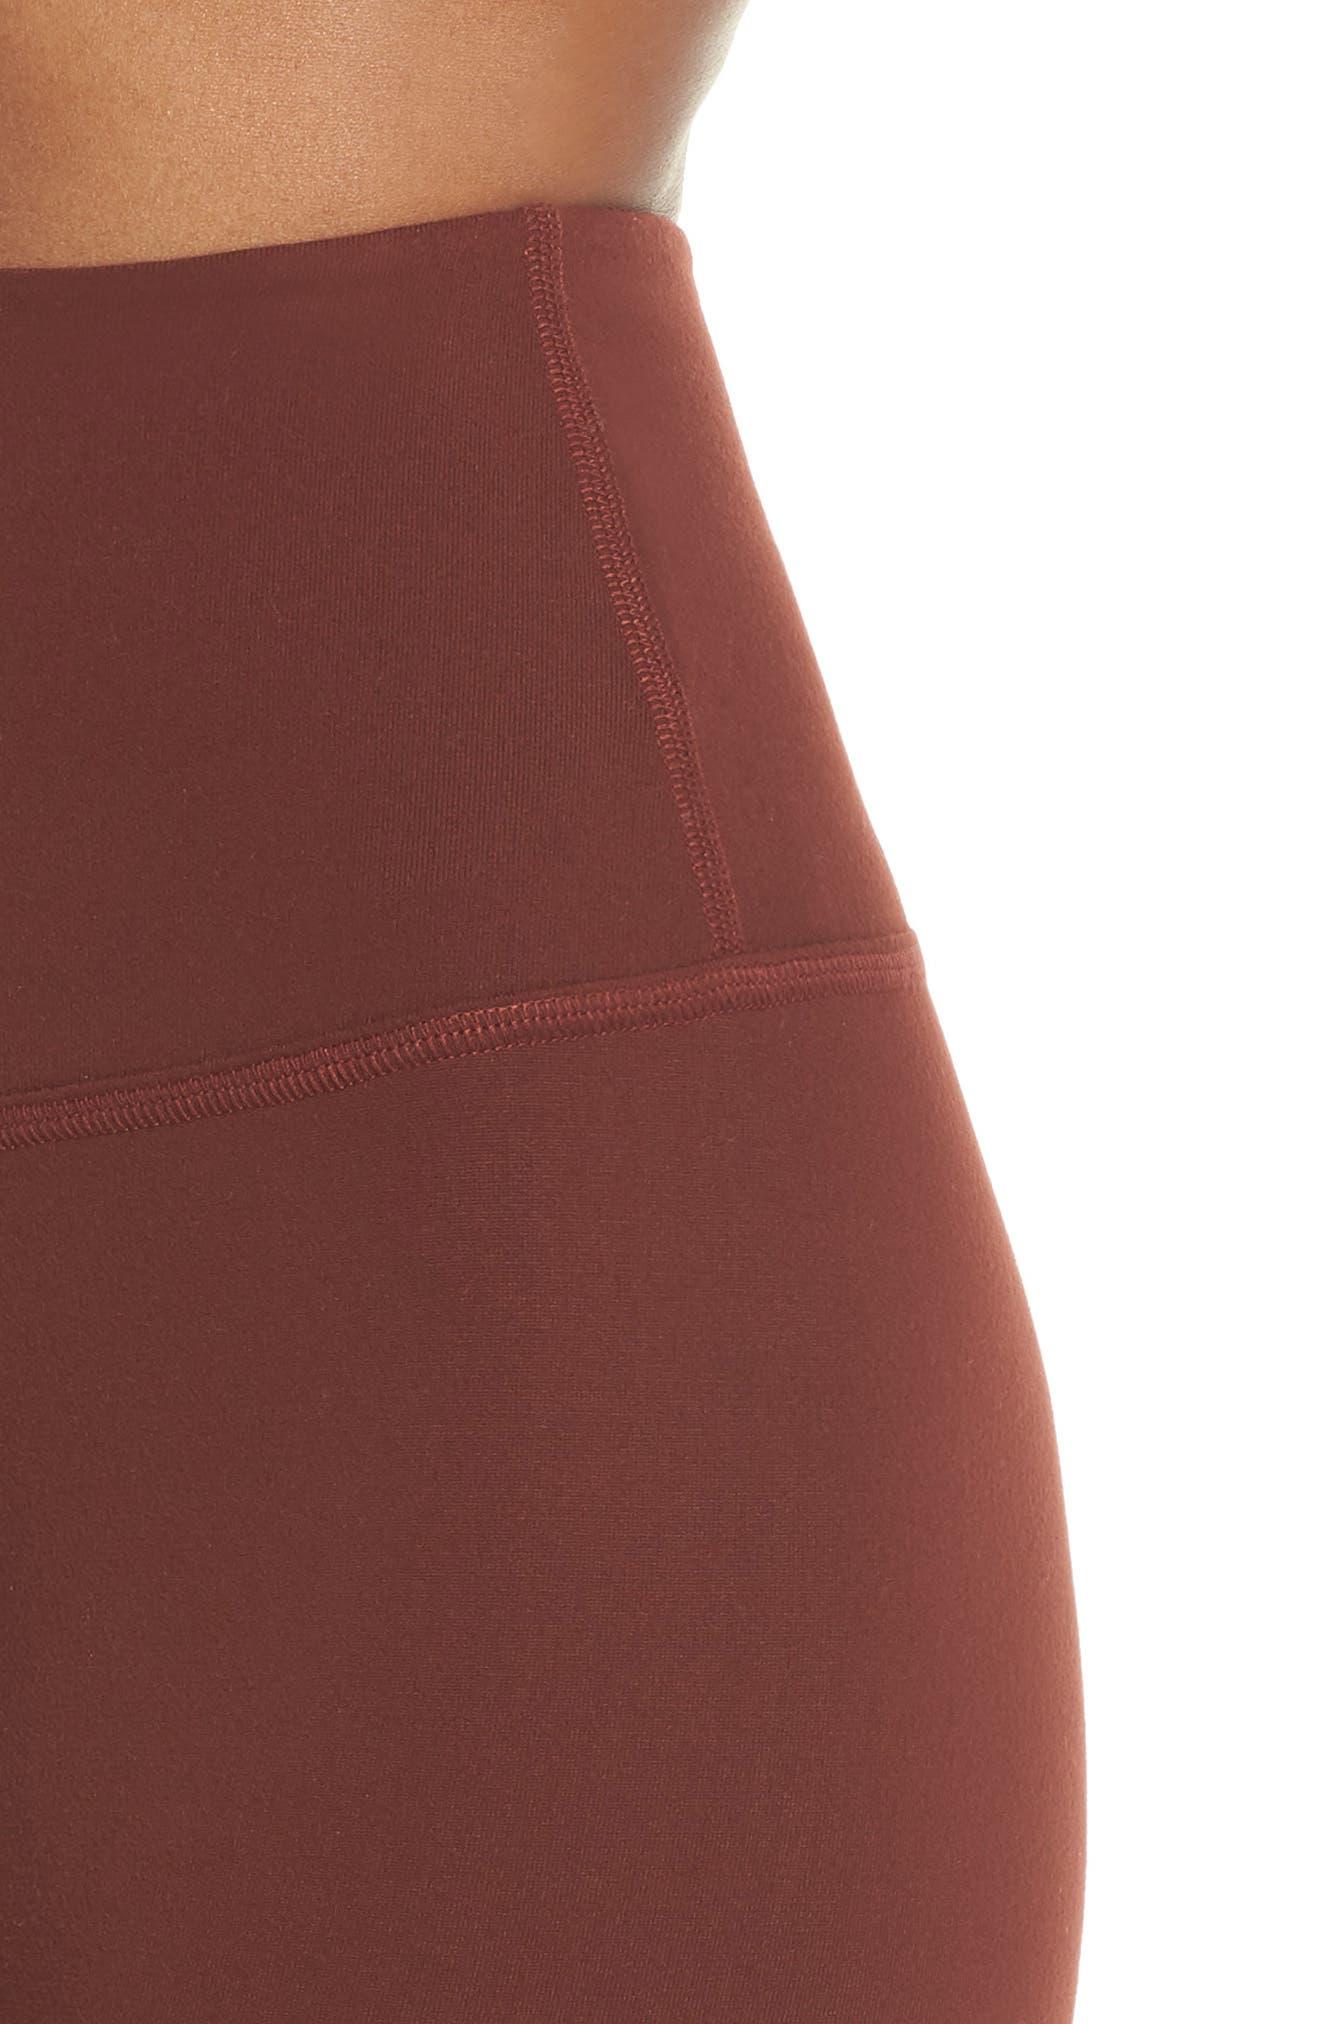 High Waist Leggings,                             Alternate thumbnail 4, color,                             RED ROCK